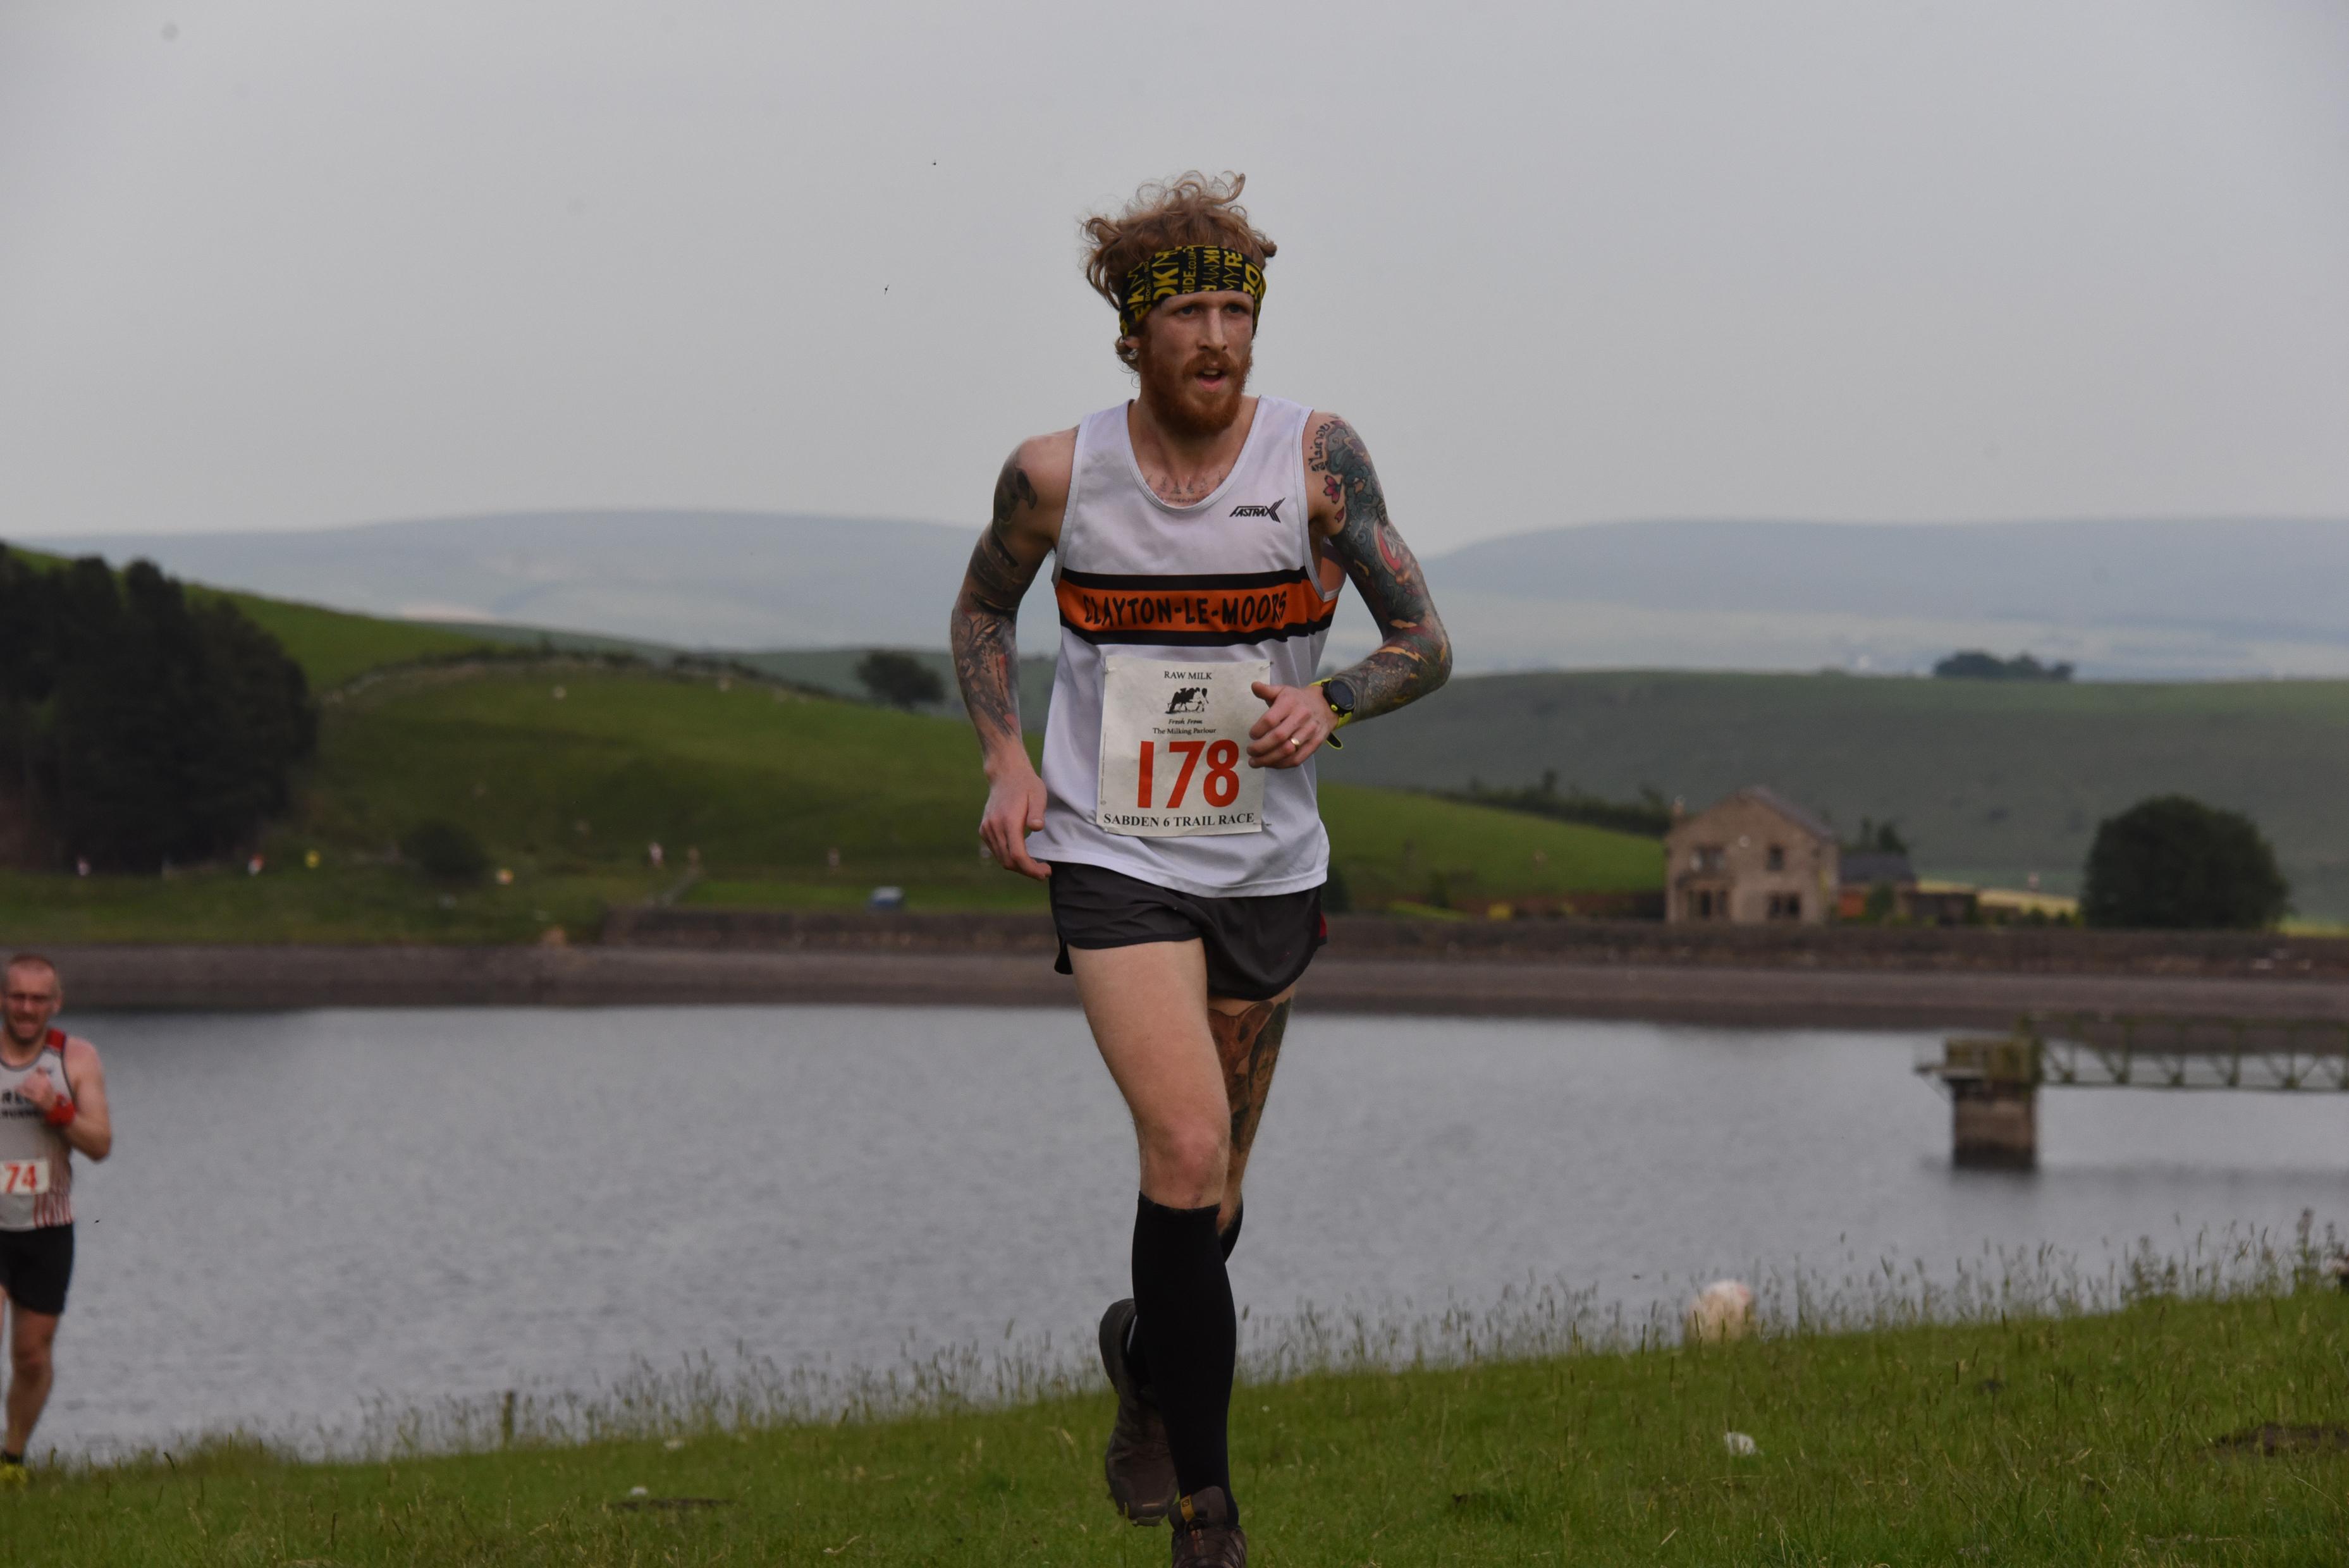 Luke Turner - first Clayton finisher. Photo by SportSunday